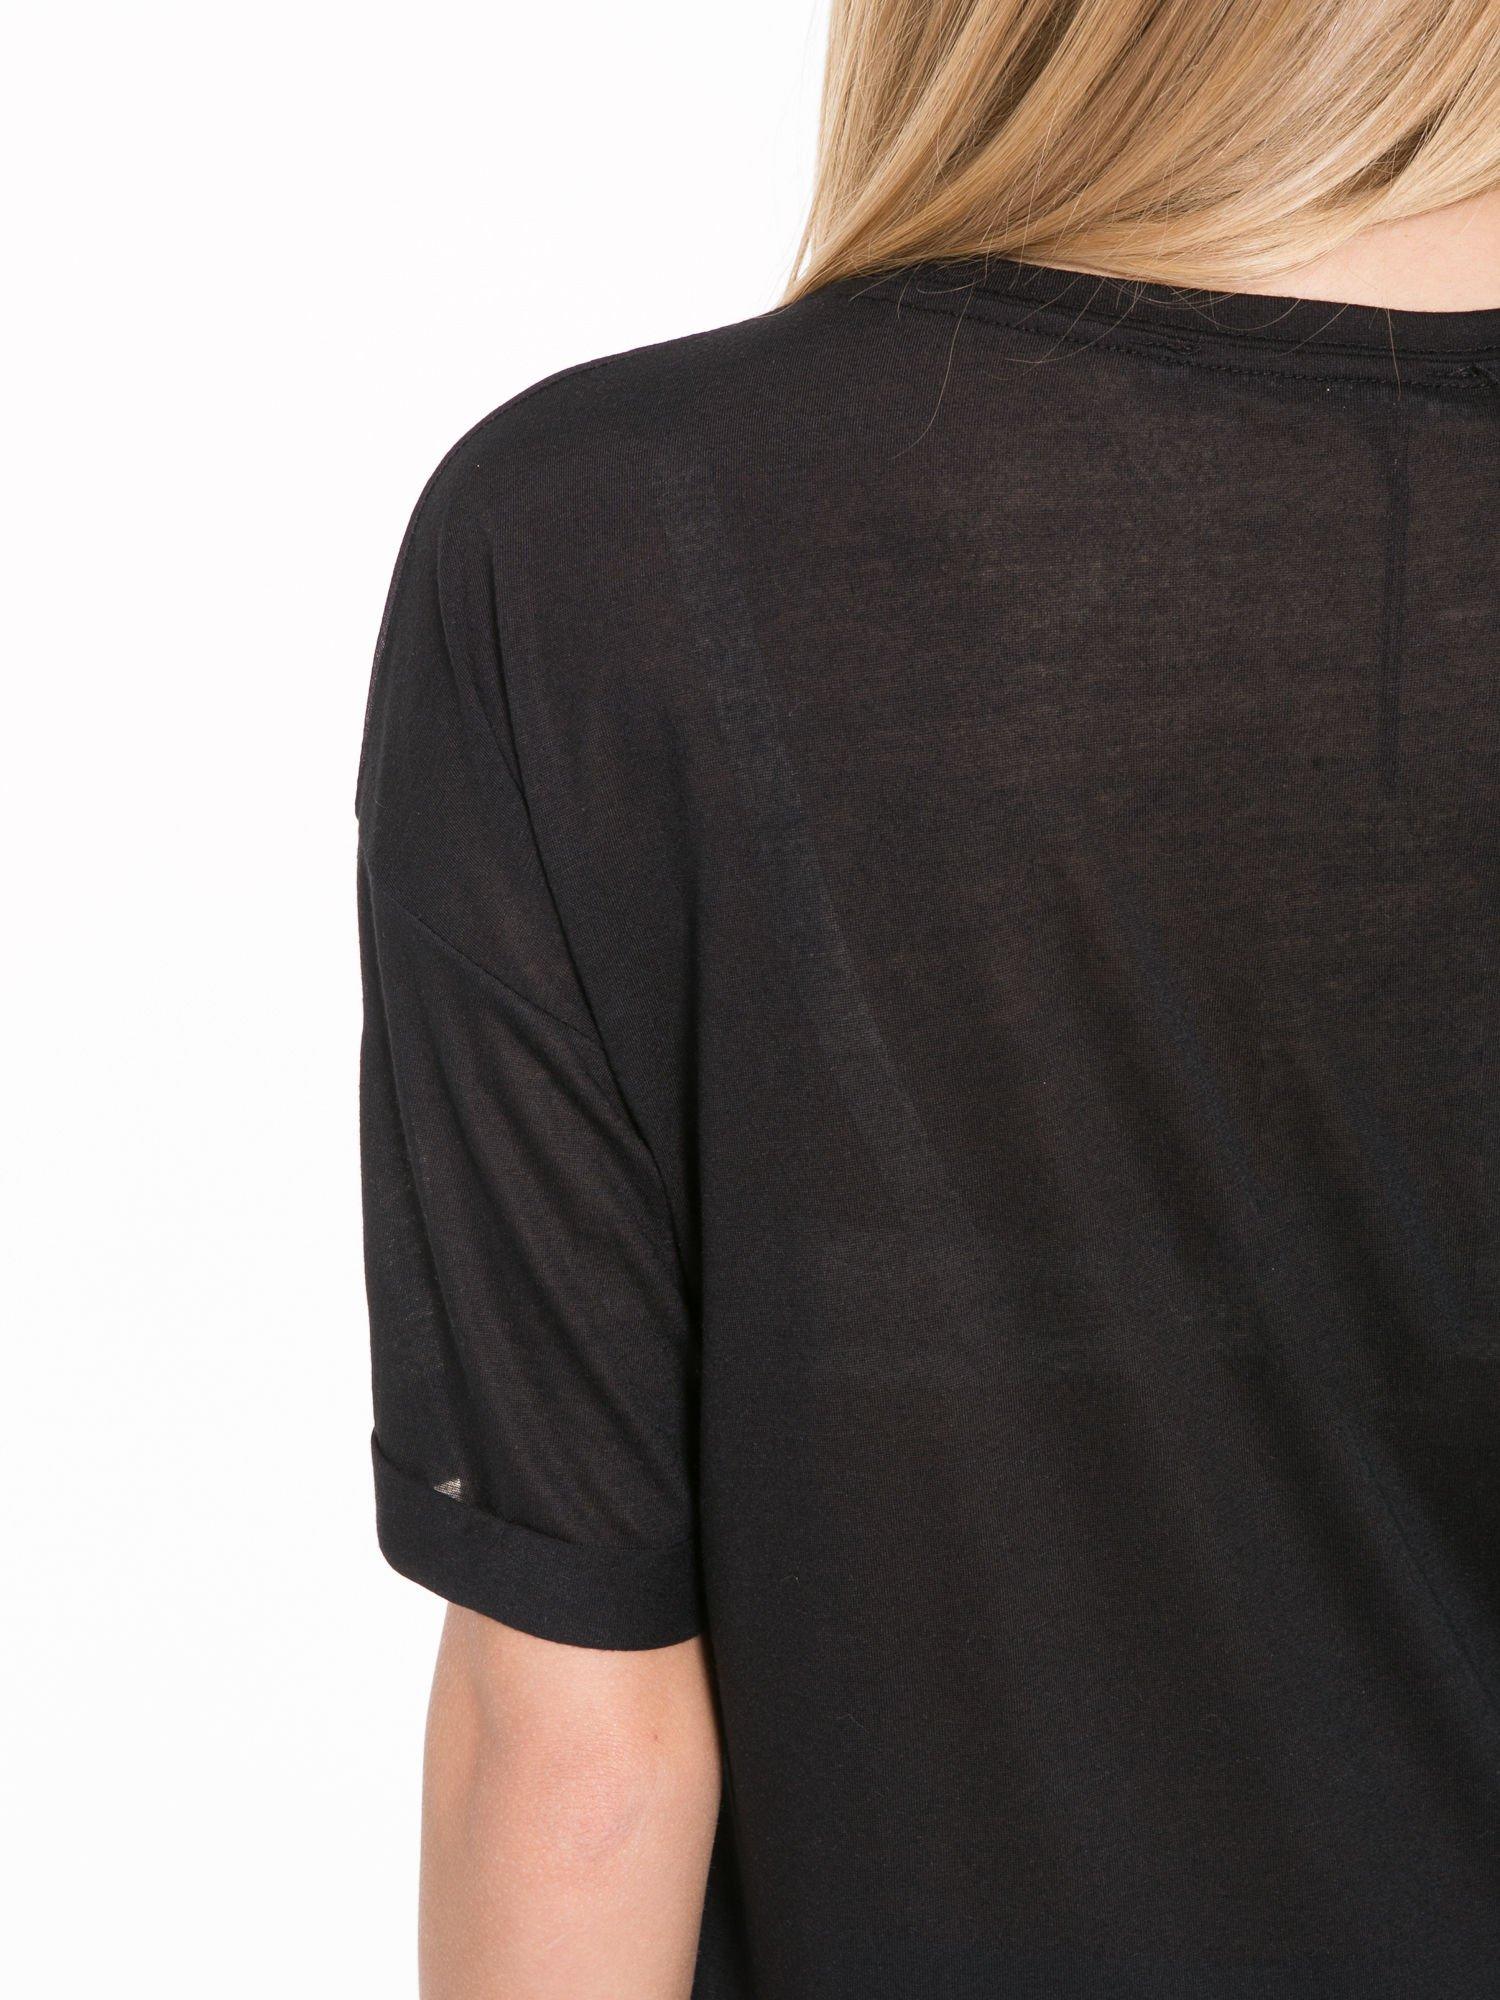 Czarny t-shirt z motywem religijnym                                  zdj.                                  8